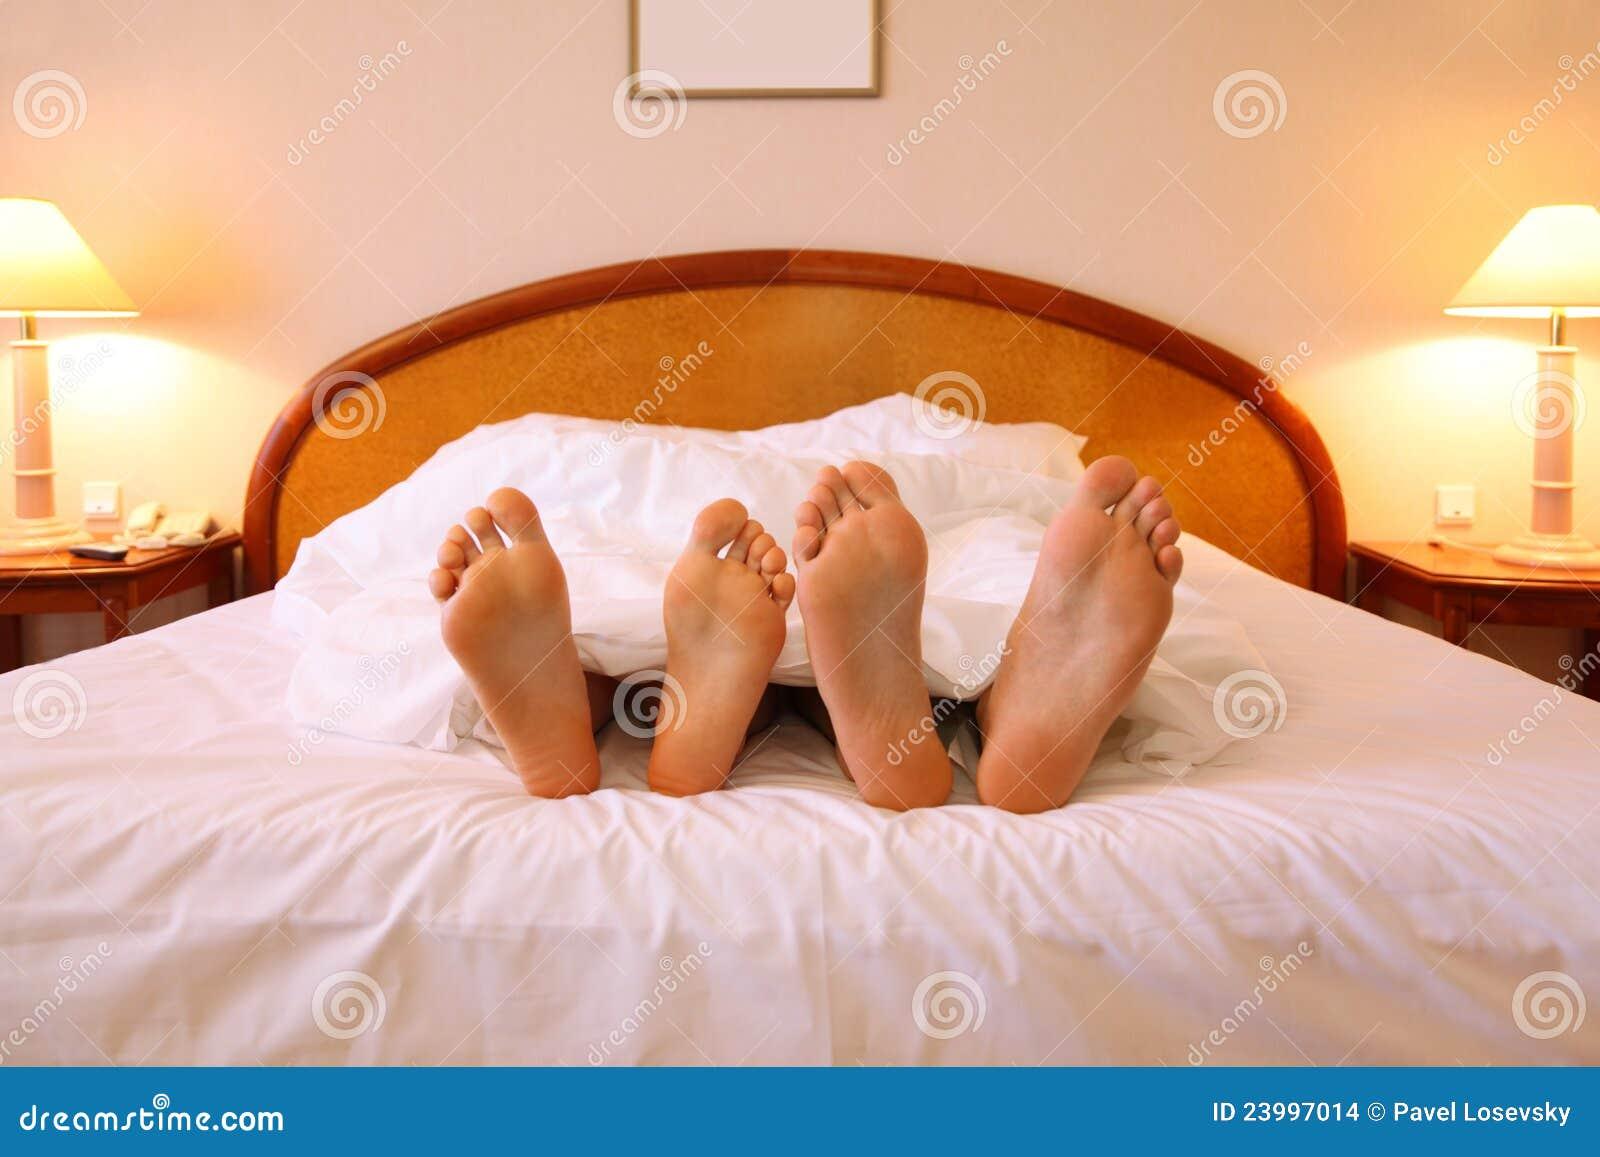 Frau Und Mann Stehen Auf Weichem Großem Bett Still Stockfoto Bild